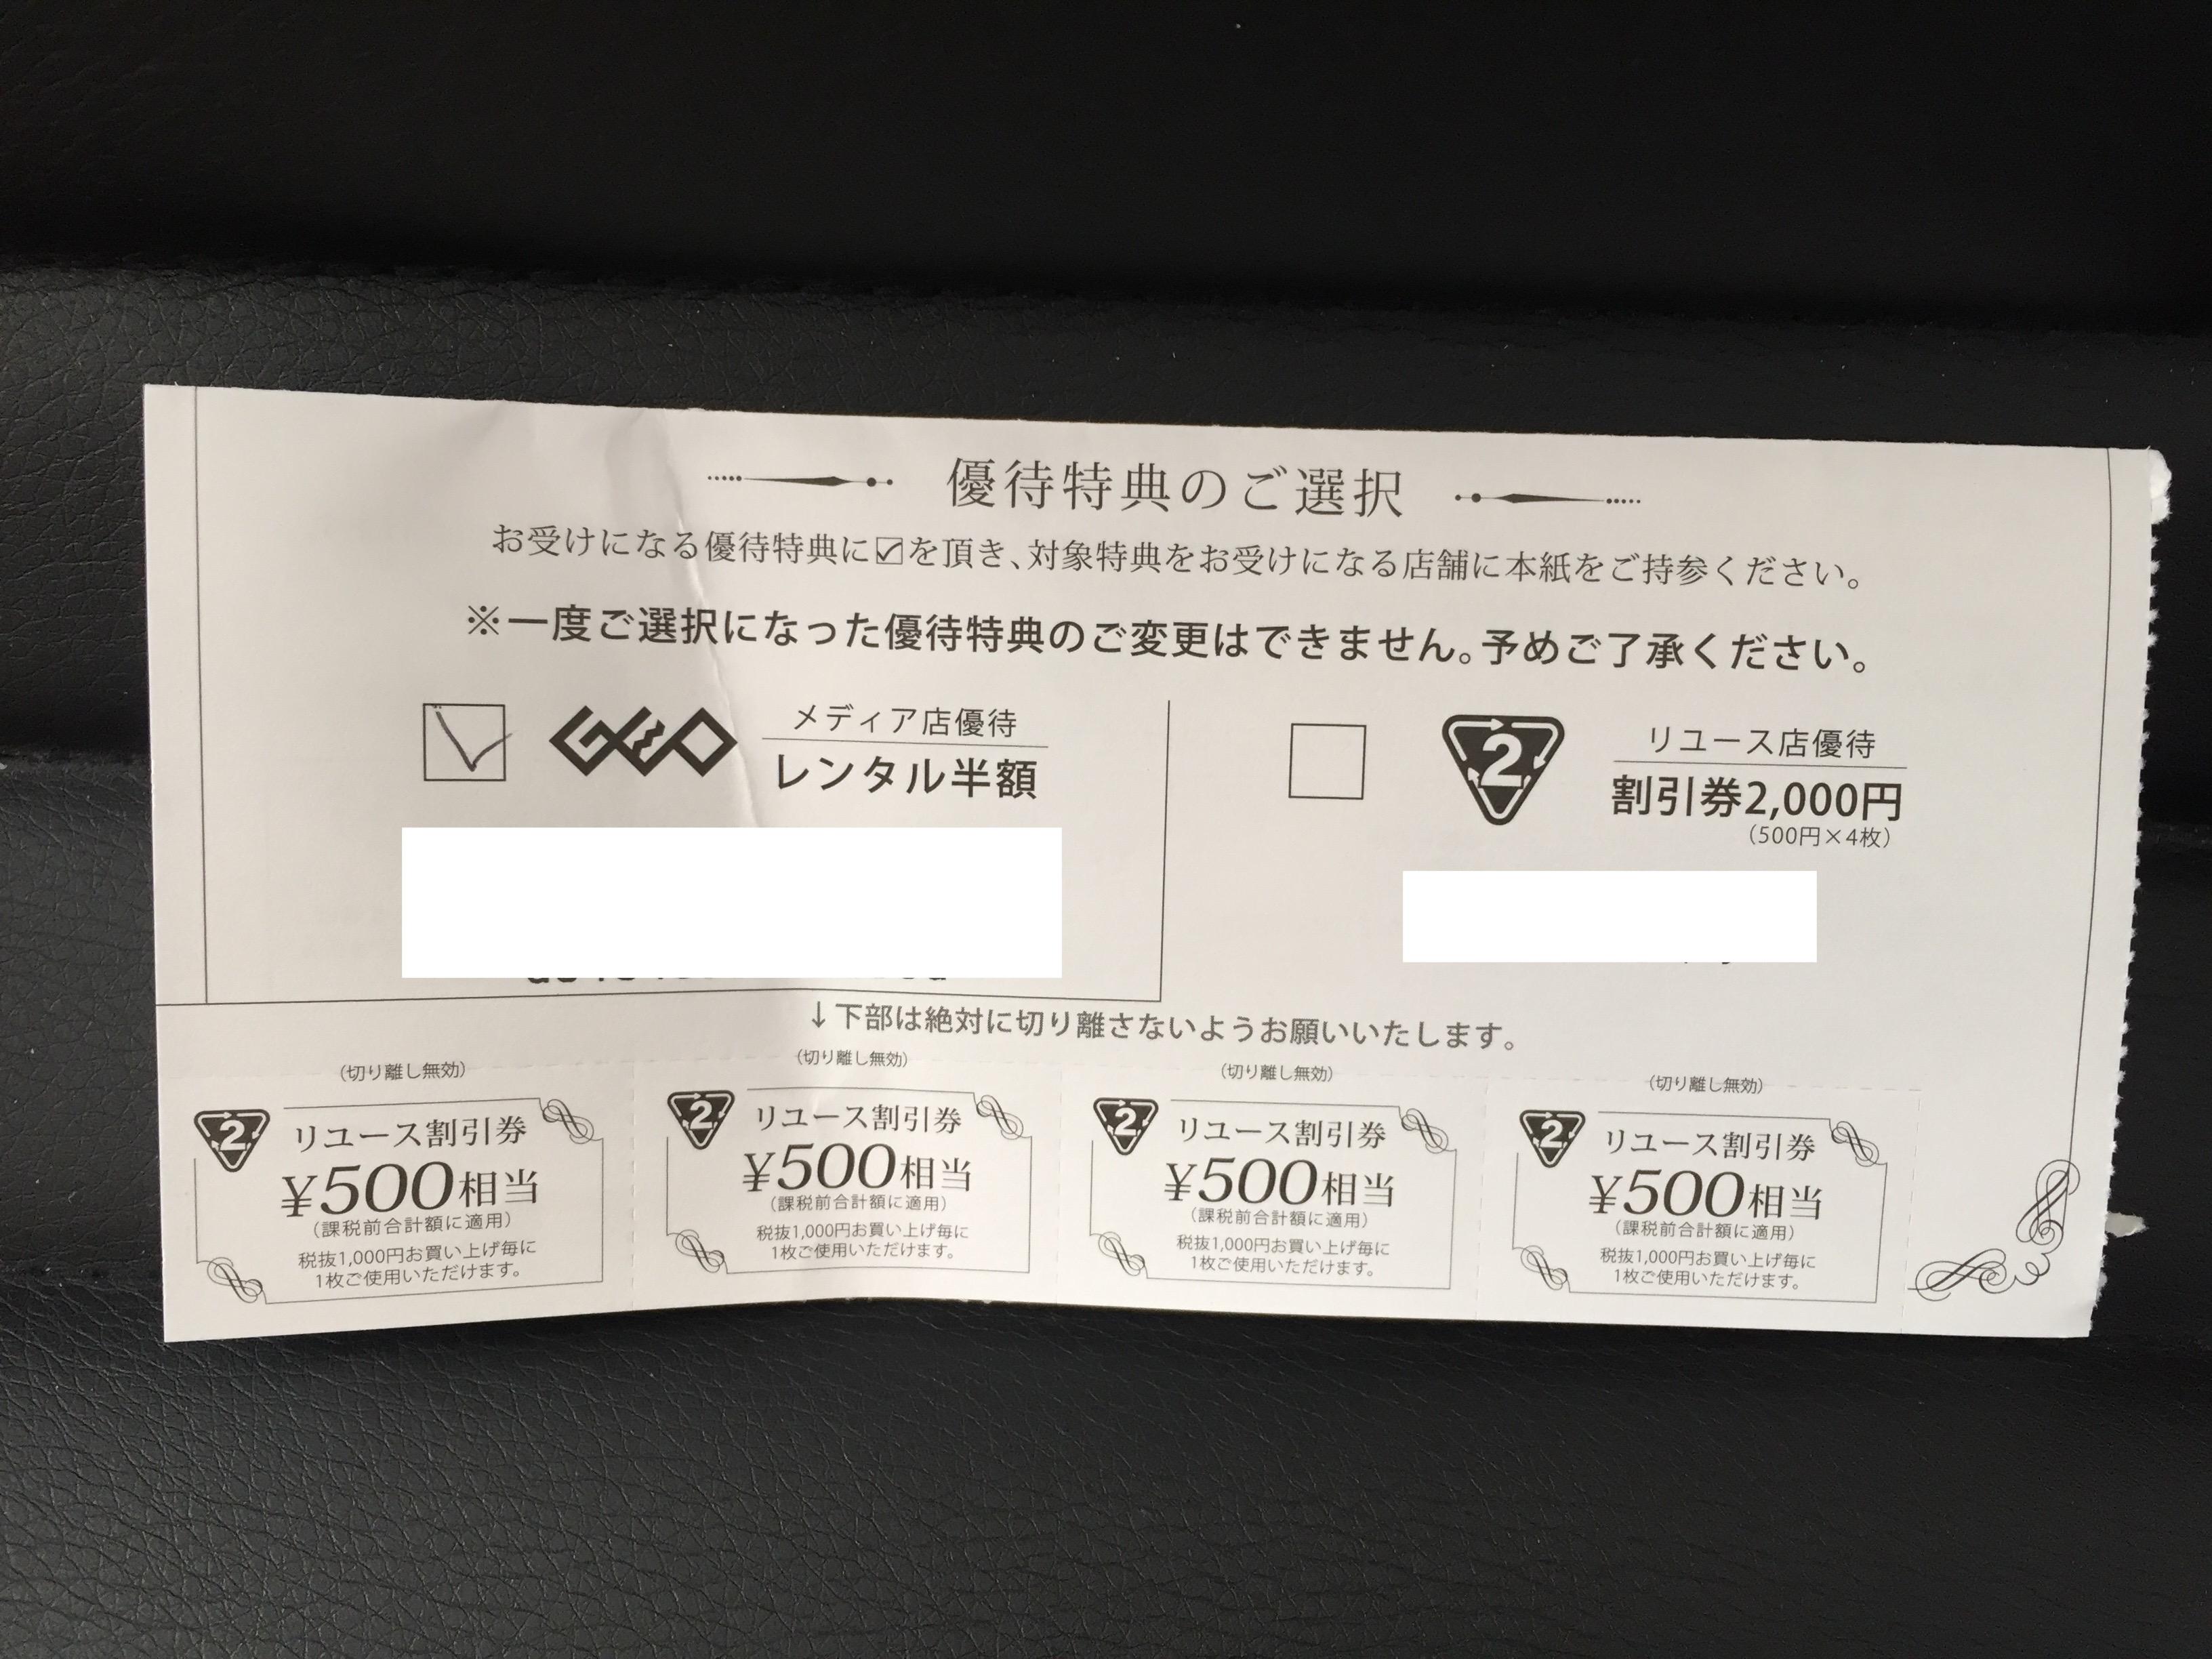 ゲオ 株主優待 2015年 9月 1